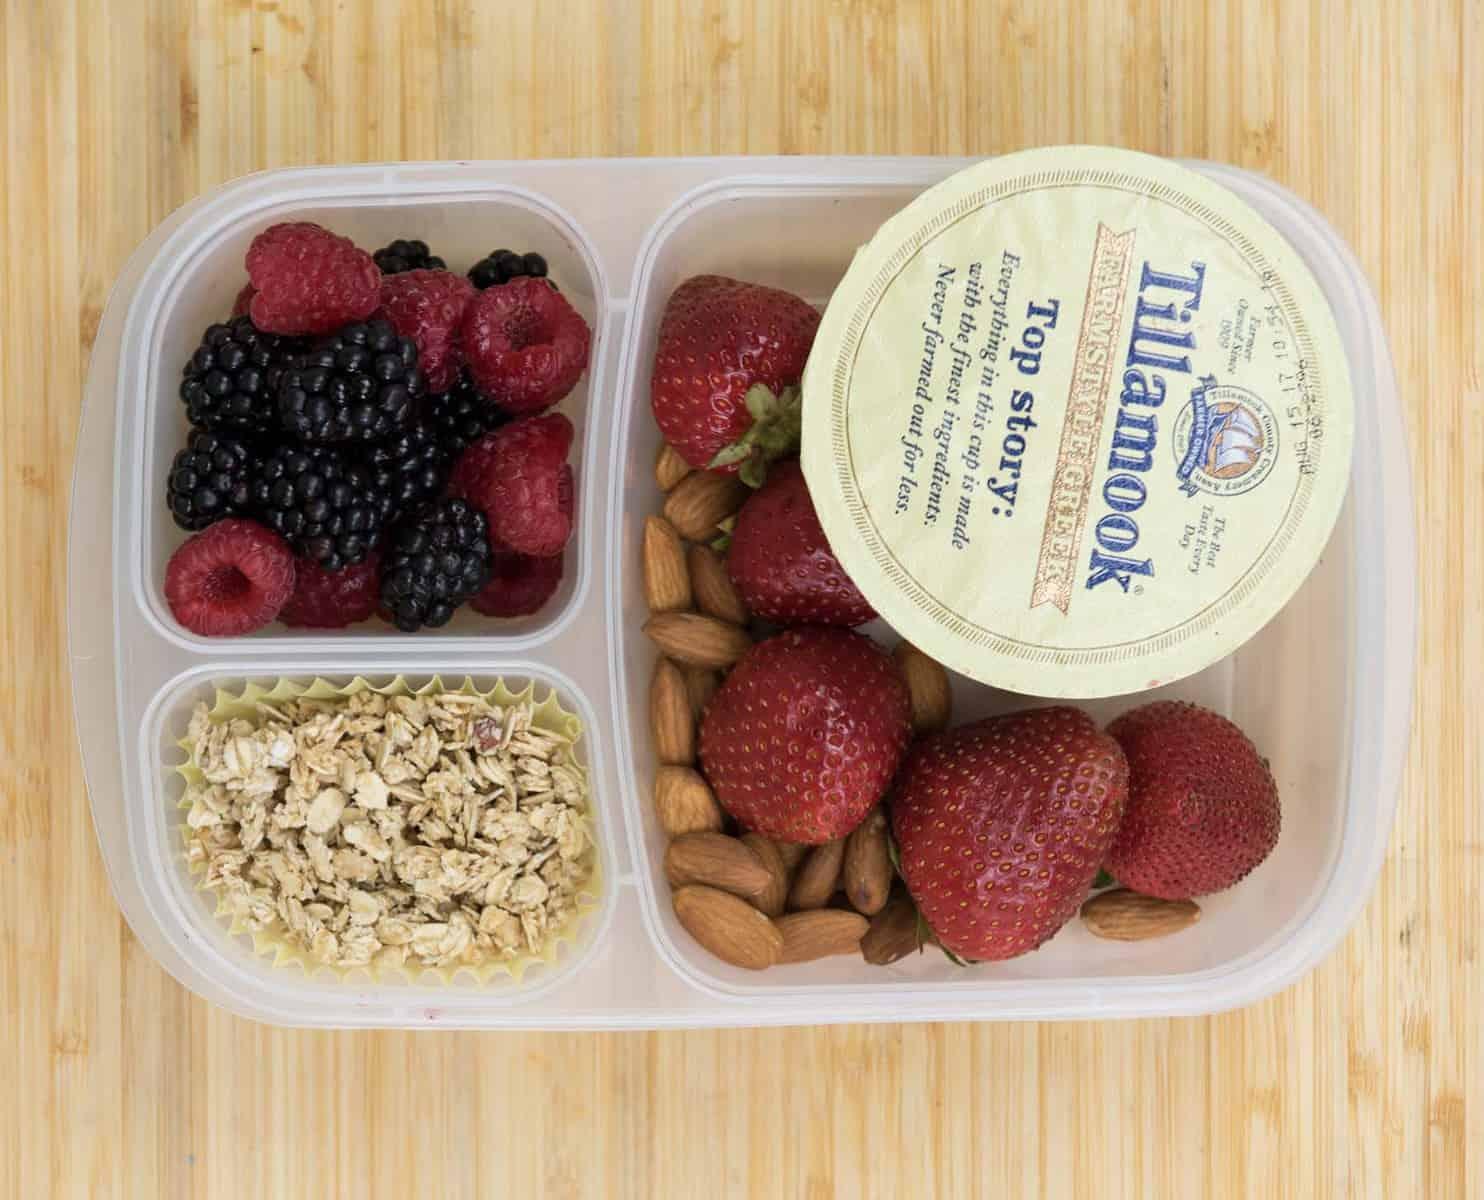 Lunch Box Ideas - Yogurt Parfait Lunch Box